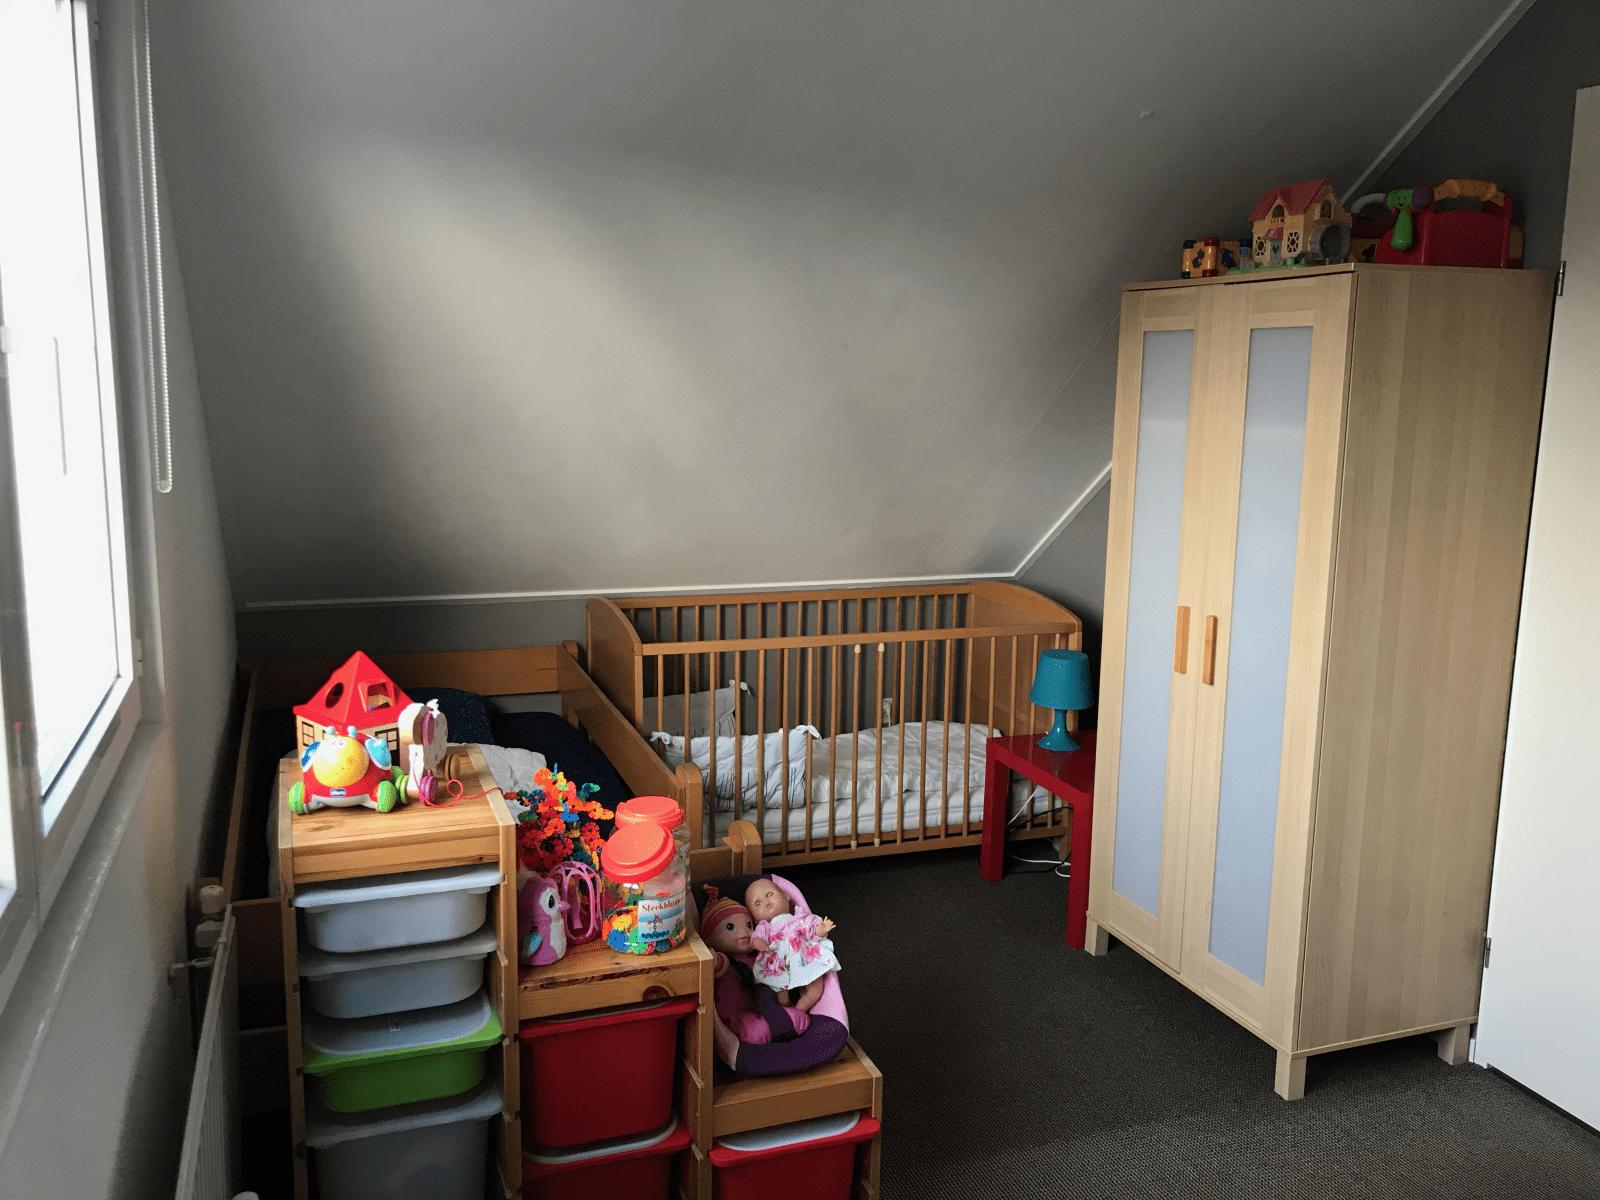 Kinderbetten - Schakelvilla